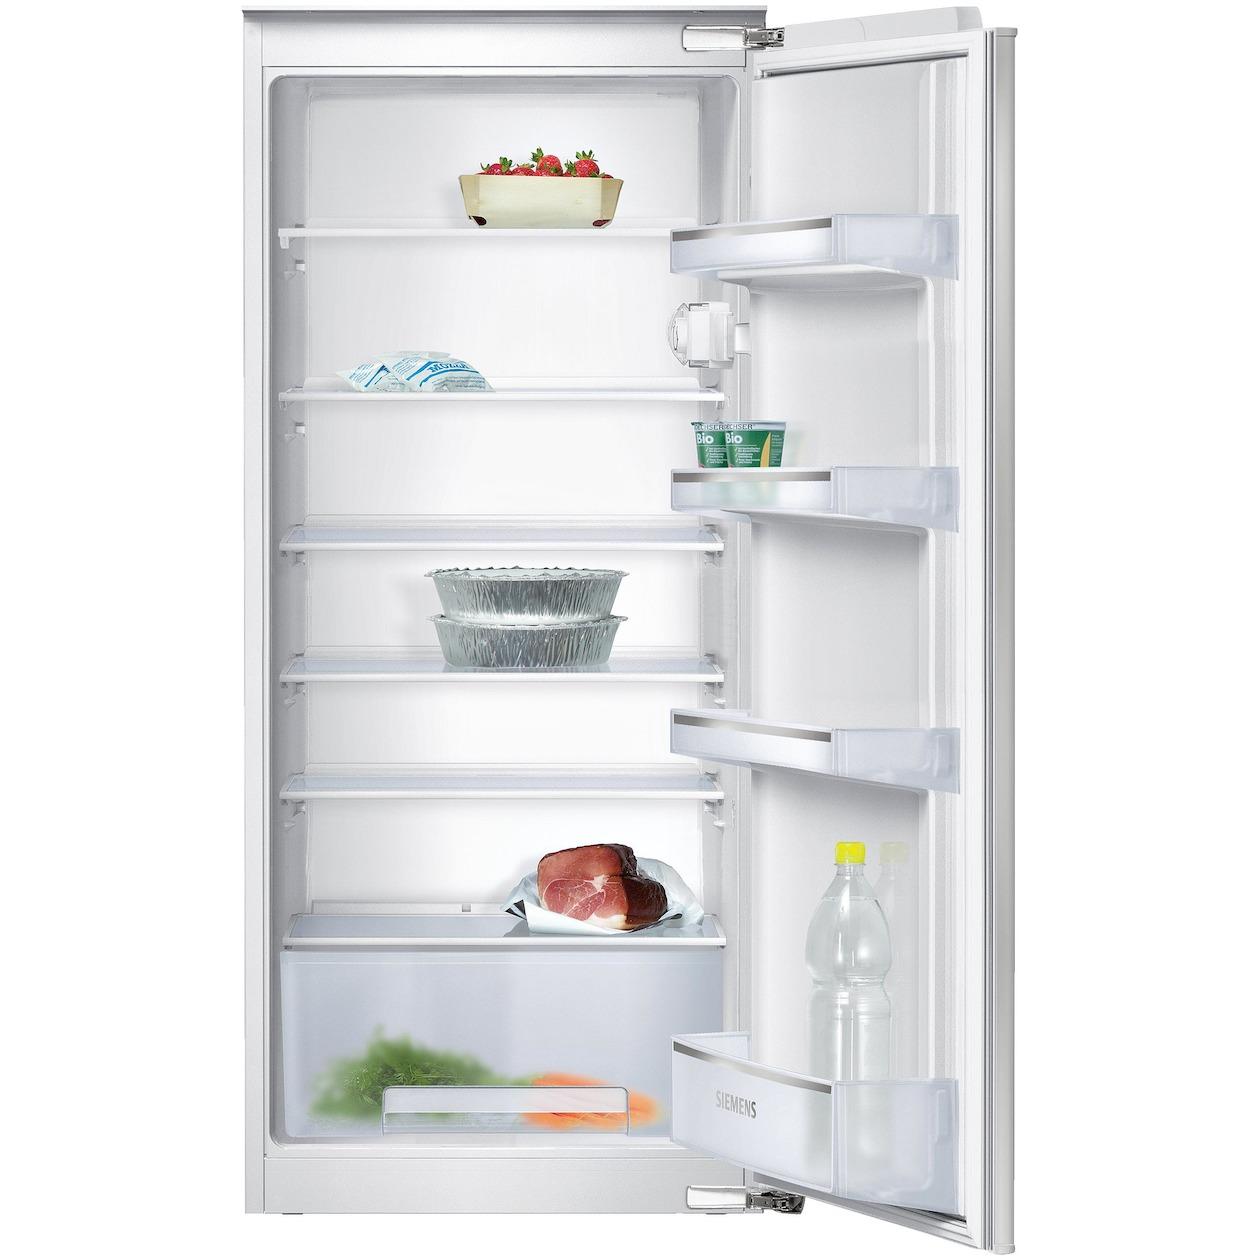 Siemens inbouw koelkast KI24RV60 - Prijsvergelijk